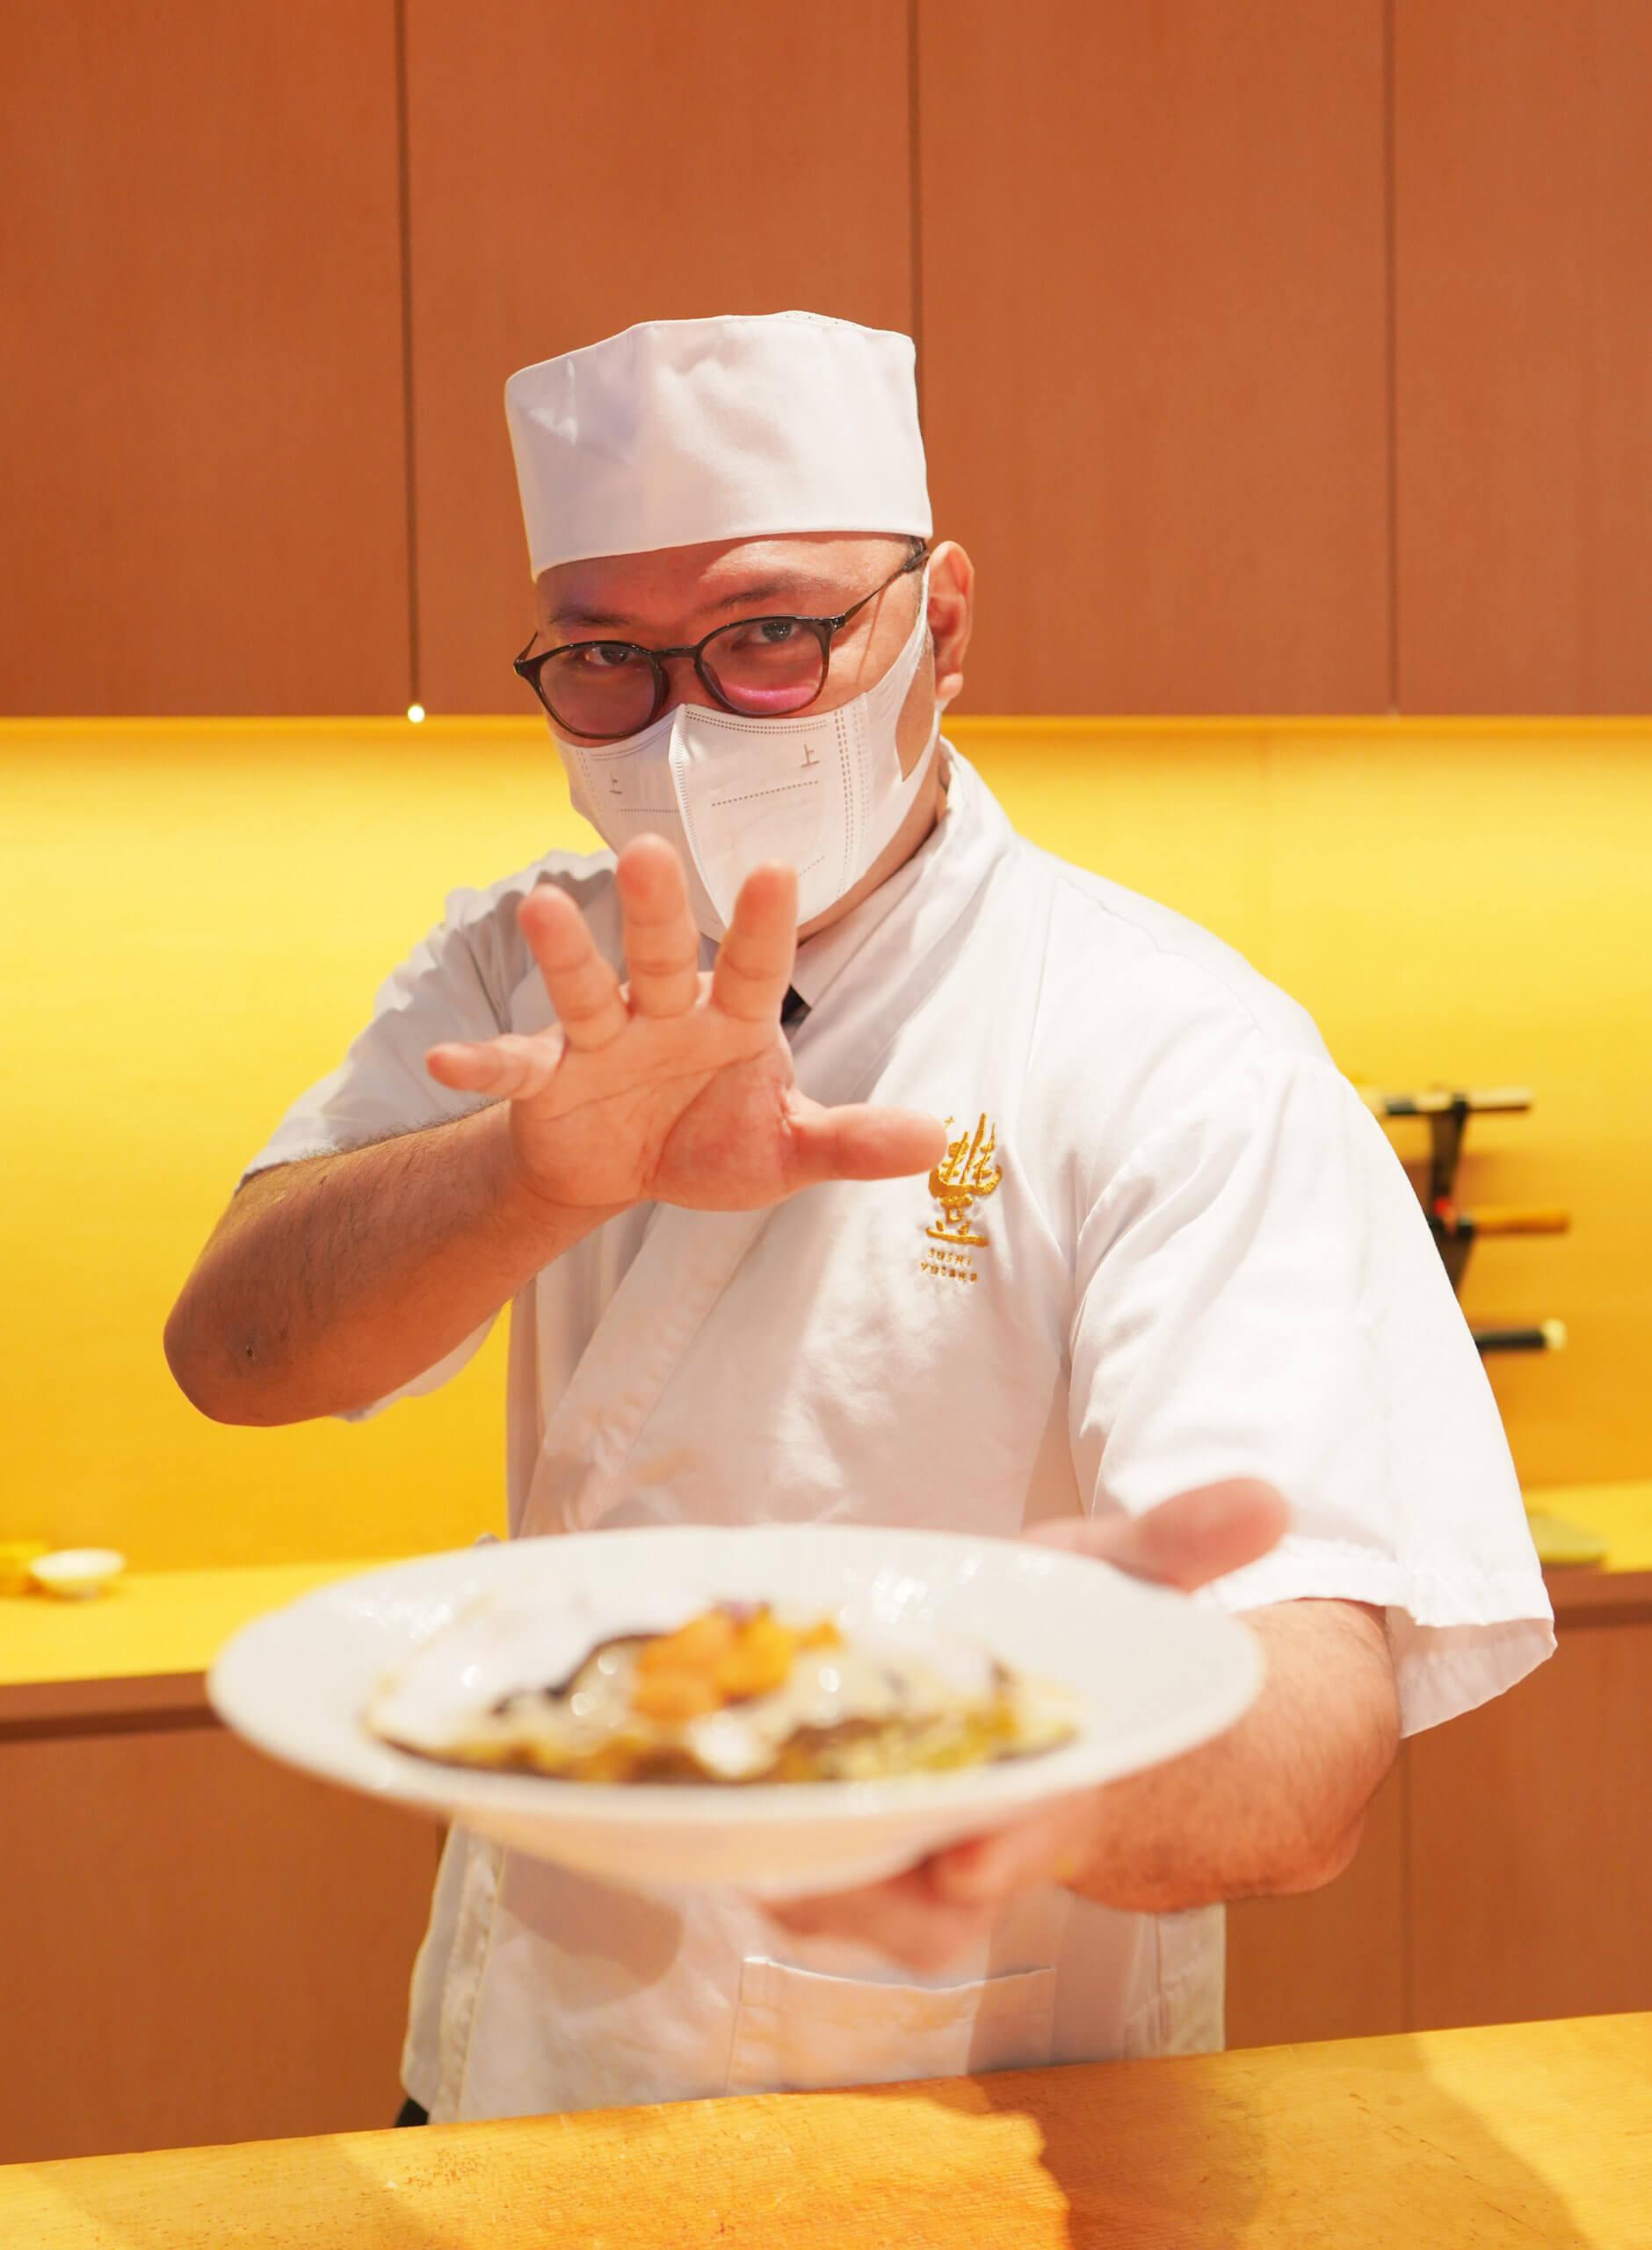 豐Sushi Yutaka主廚為 Michael Chan,入行19年造詣深厚,為御廚松戶利雄先生入室弟子。